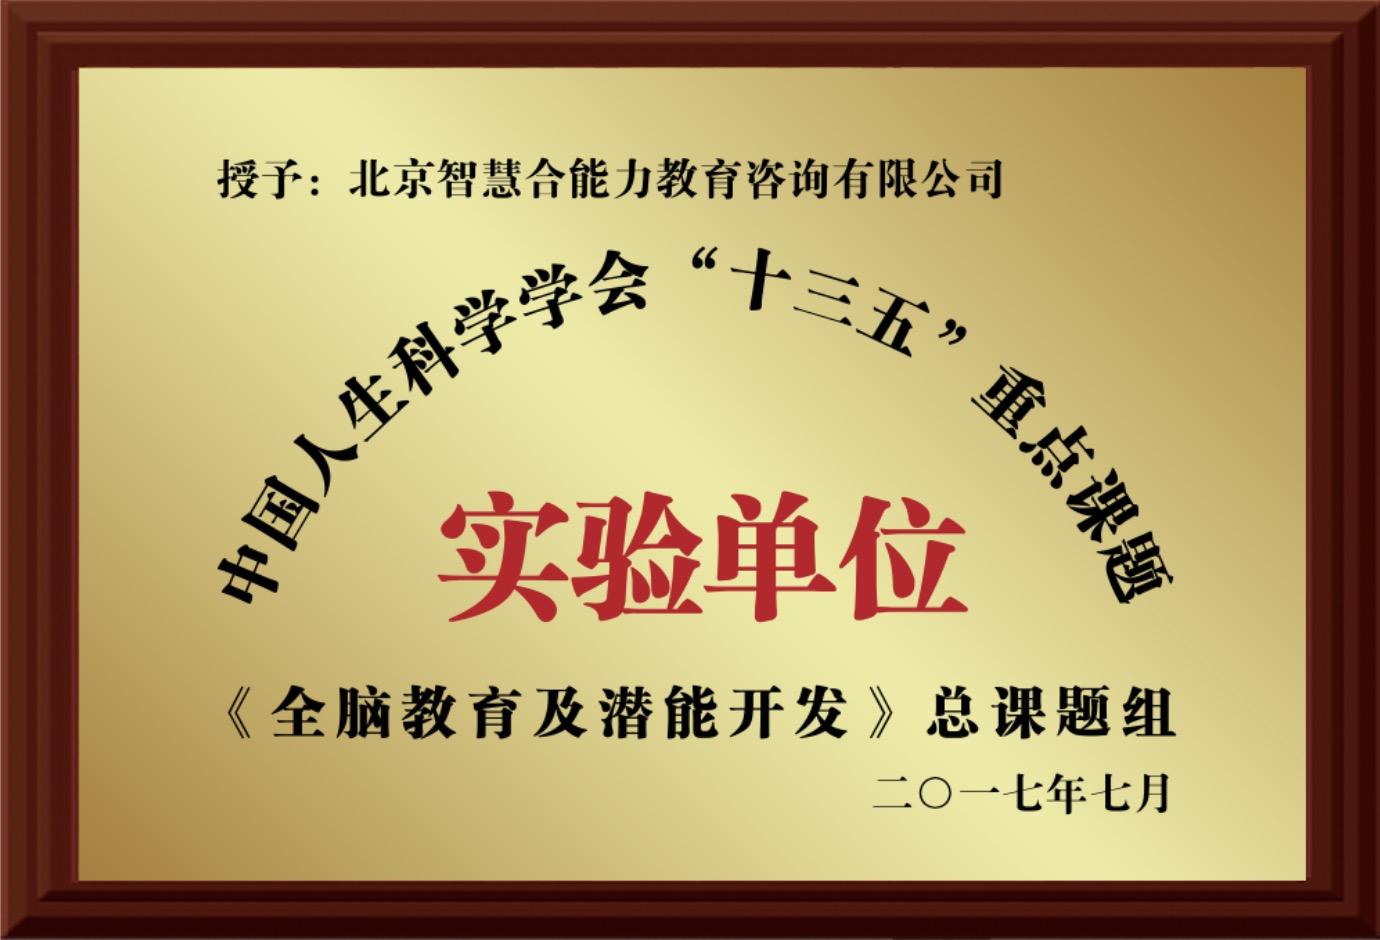 """<span style=""""font-size:14px;color:#FFFFFF;"""">《全腦教育及潛能開發》總課題組授予北京智慧合能力教育咨詢有限公司中國人生科學學會""""十三五""""重點課題實驗單位</span>"""